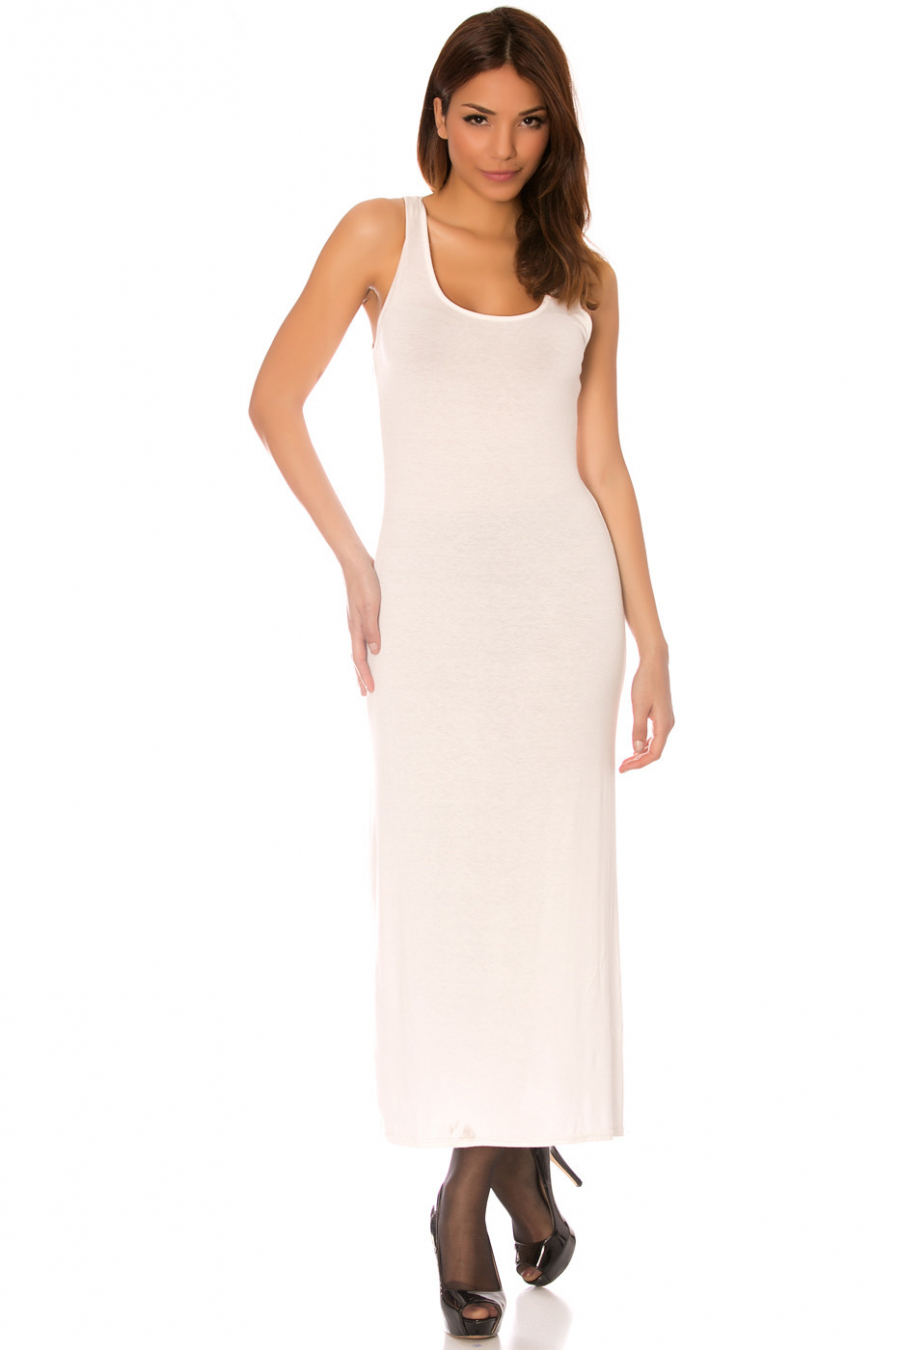 Longue robe débardeur Blanc fendu sur le côté, l'incontournable classique de l'été.